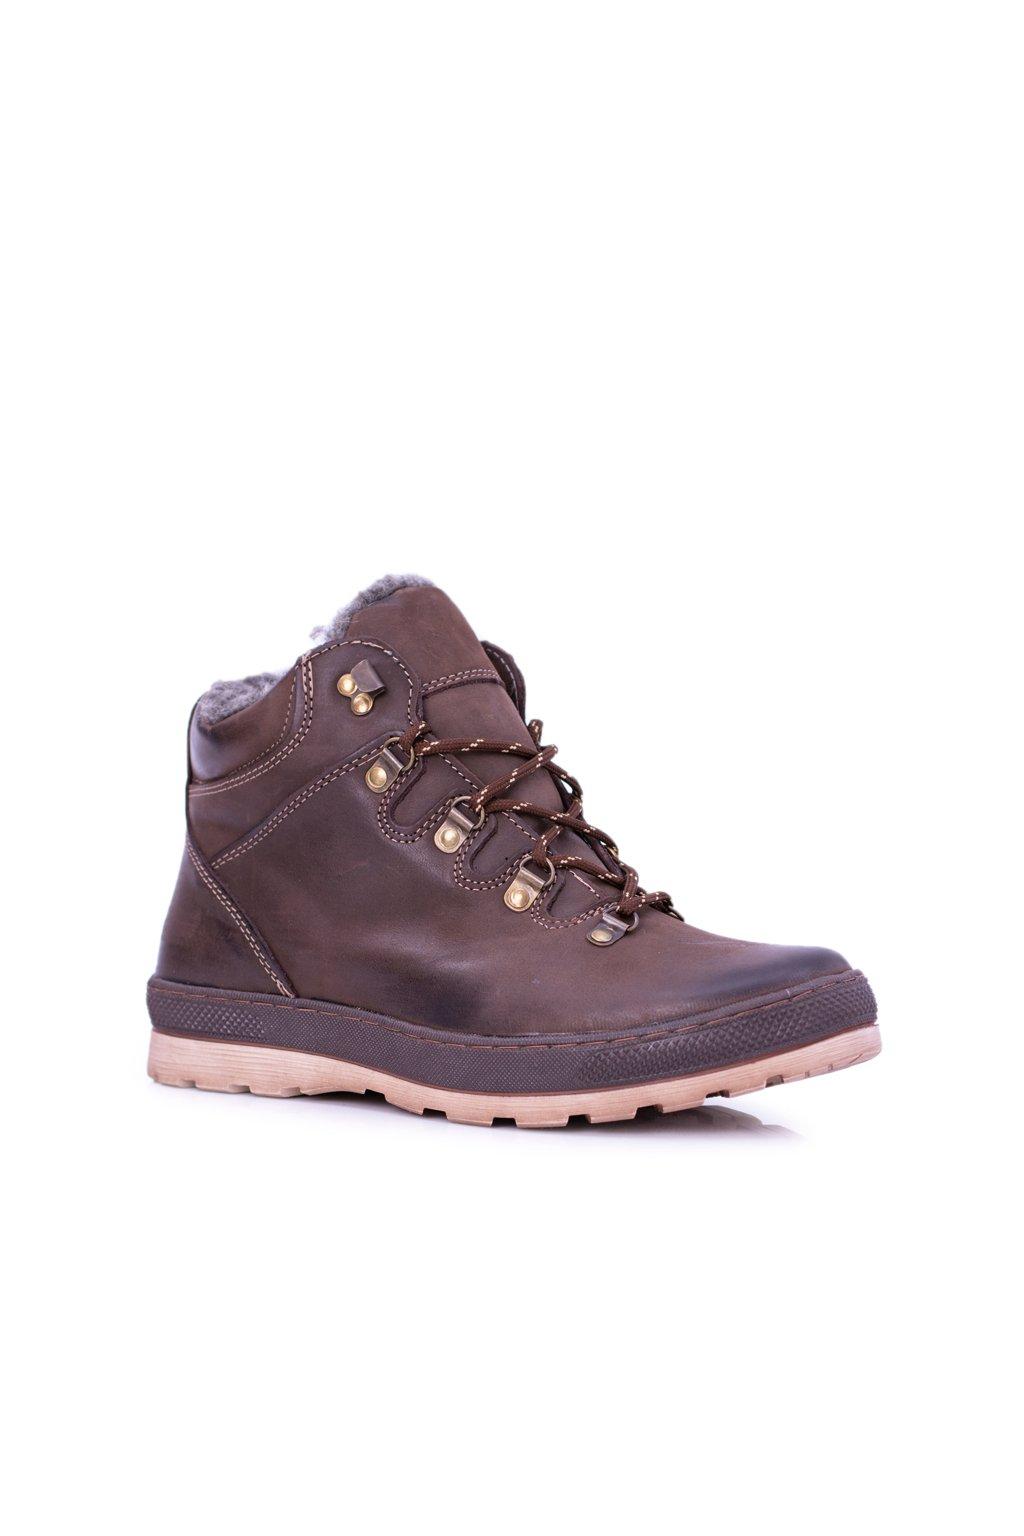 Hnedé kožené pánske teplé topánky Abelo